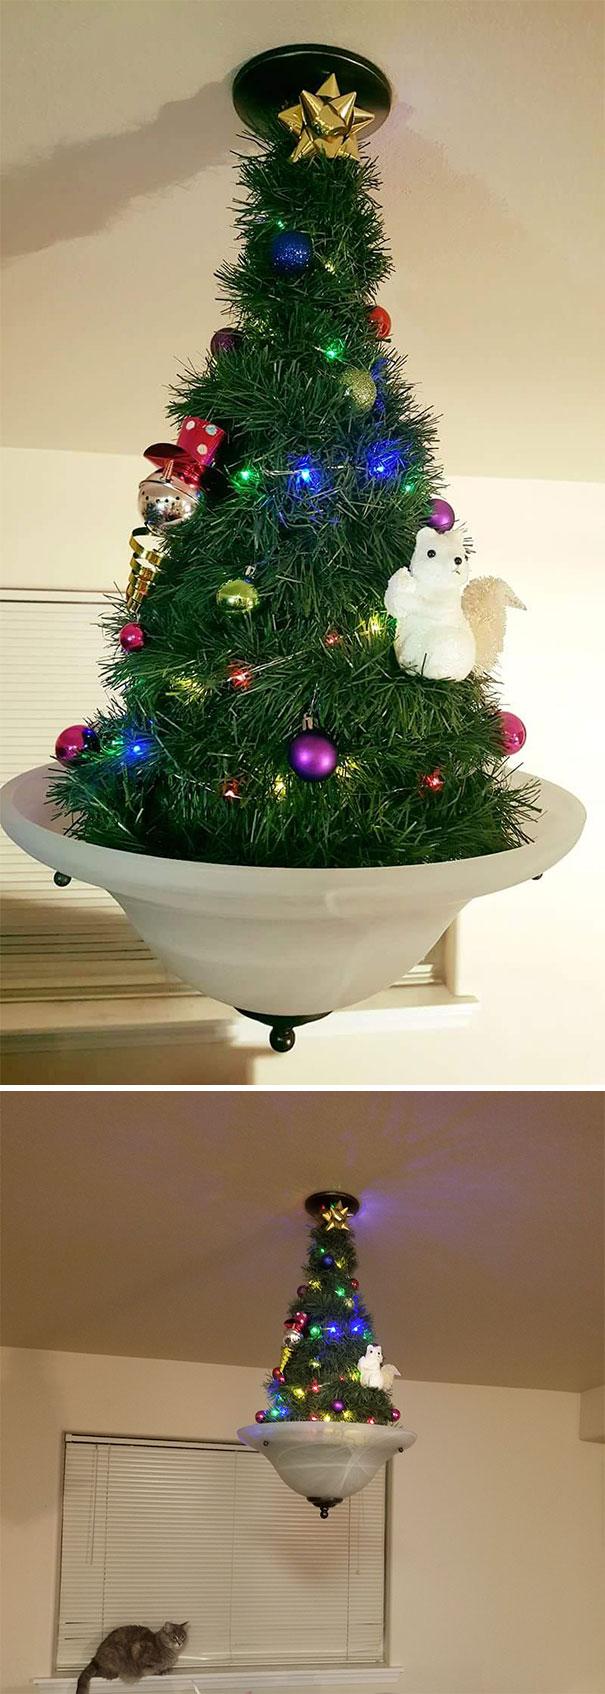 искусственная елка на люстре